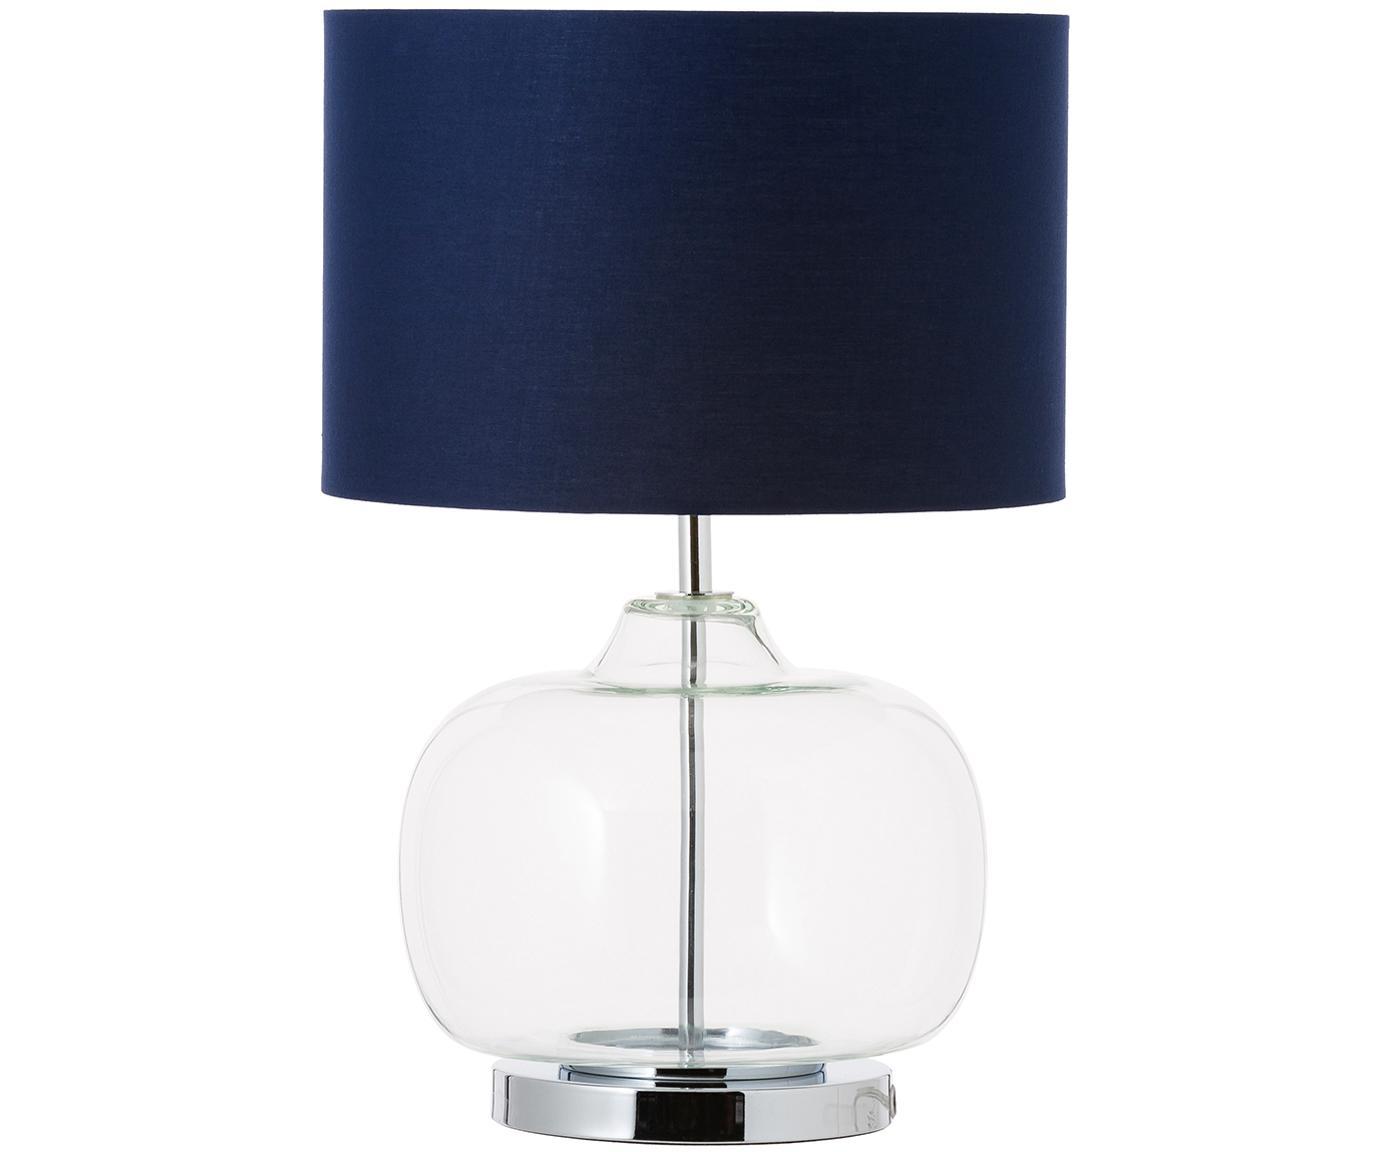 Tischleuchte Amelia aus Glas und Baumwolle, Lampenfuß: Glas, Lampenschirm: Baumwolle, Dunkelblau, ∅ 28 x H 41 cm